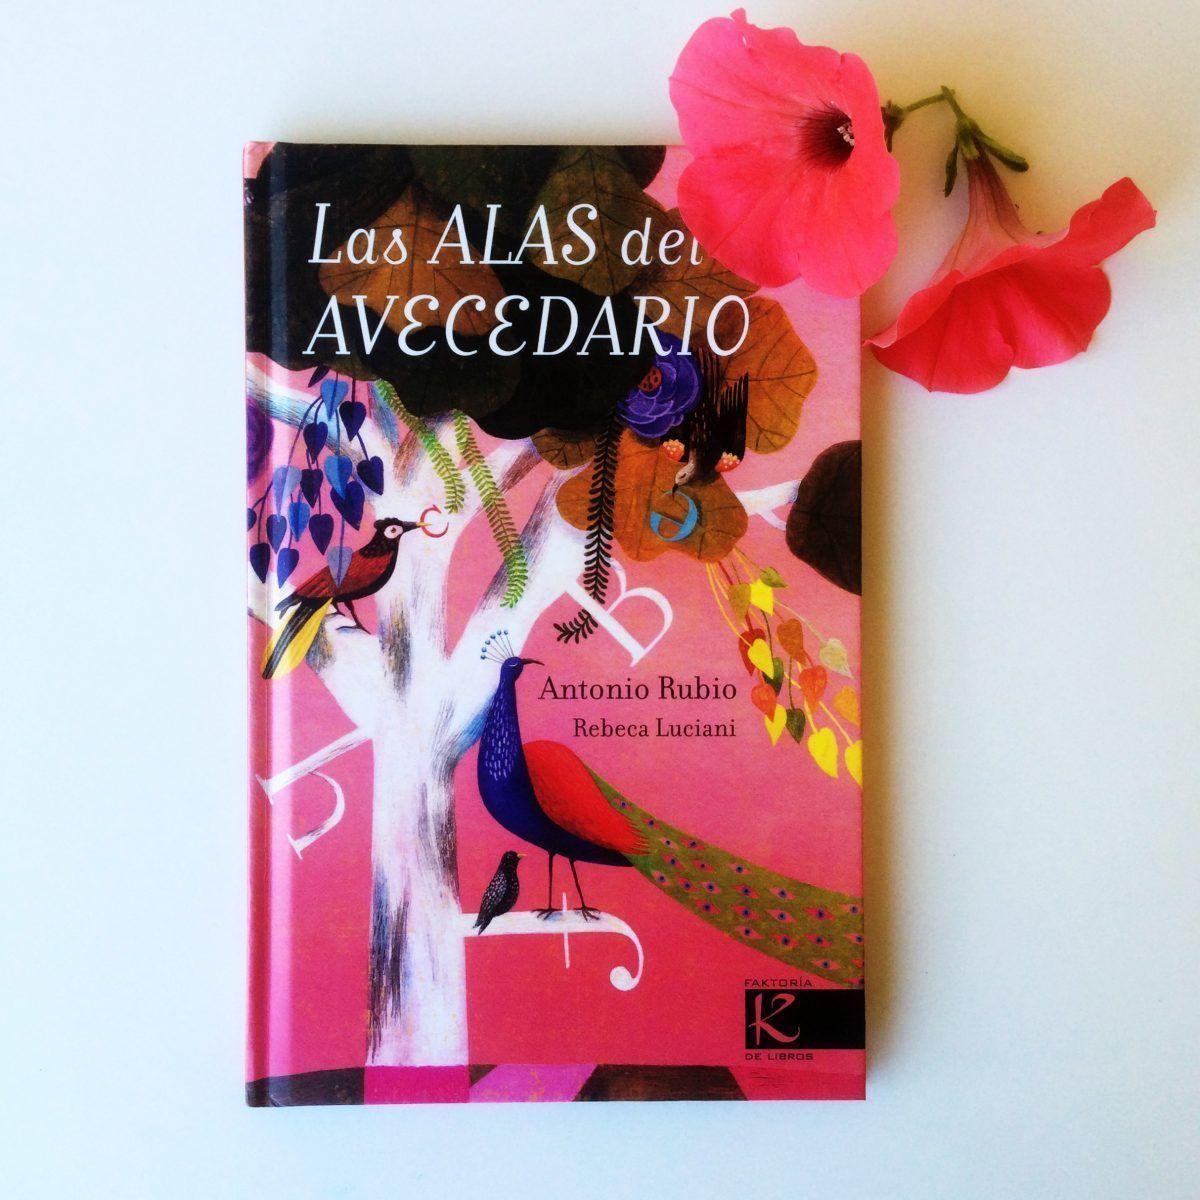 las alas del avecedario - poemario Antonio Rubio